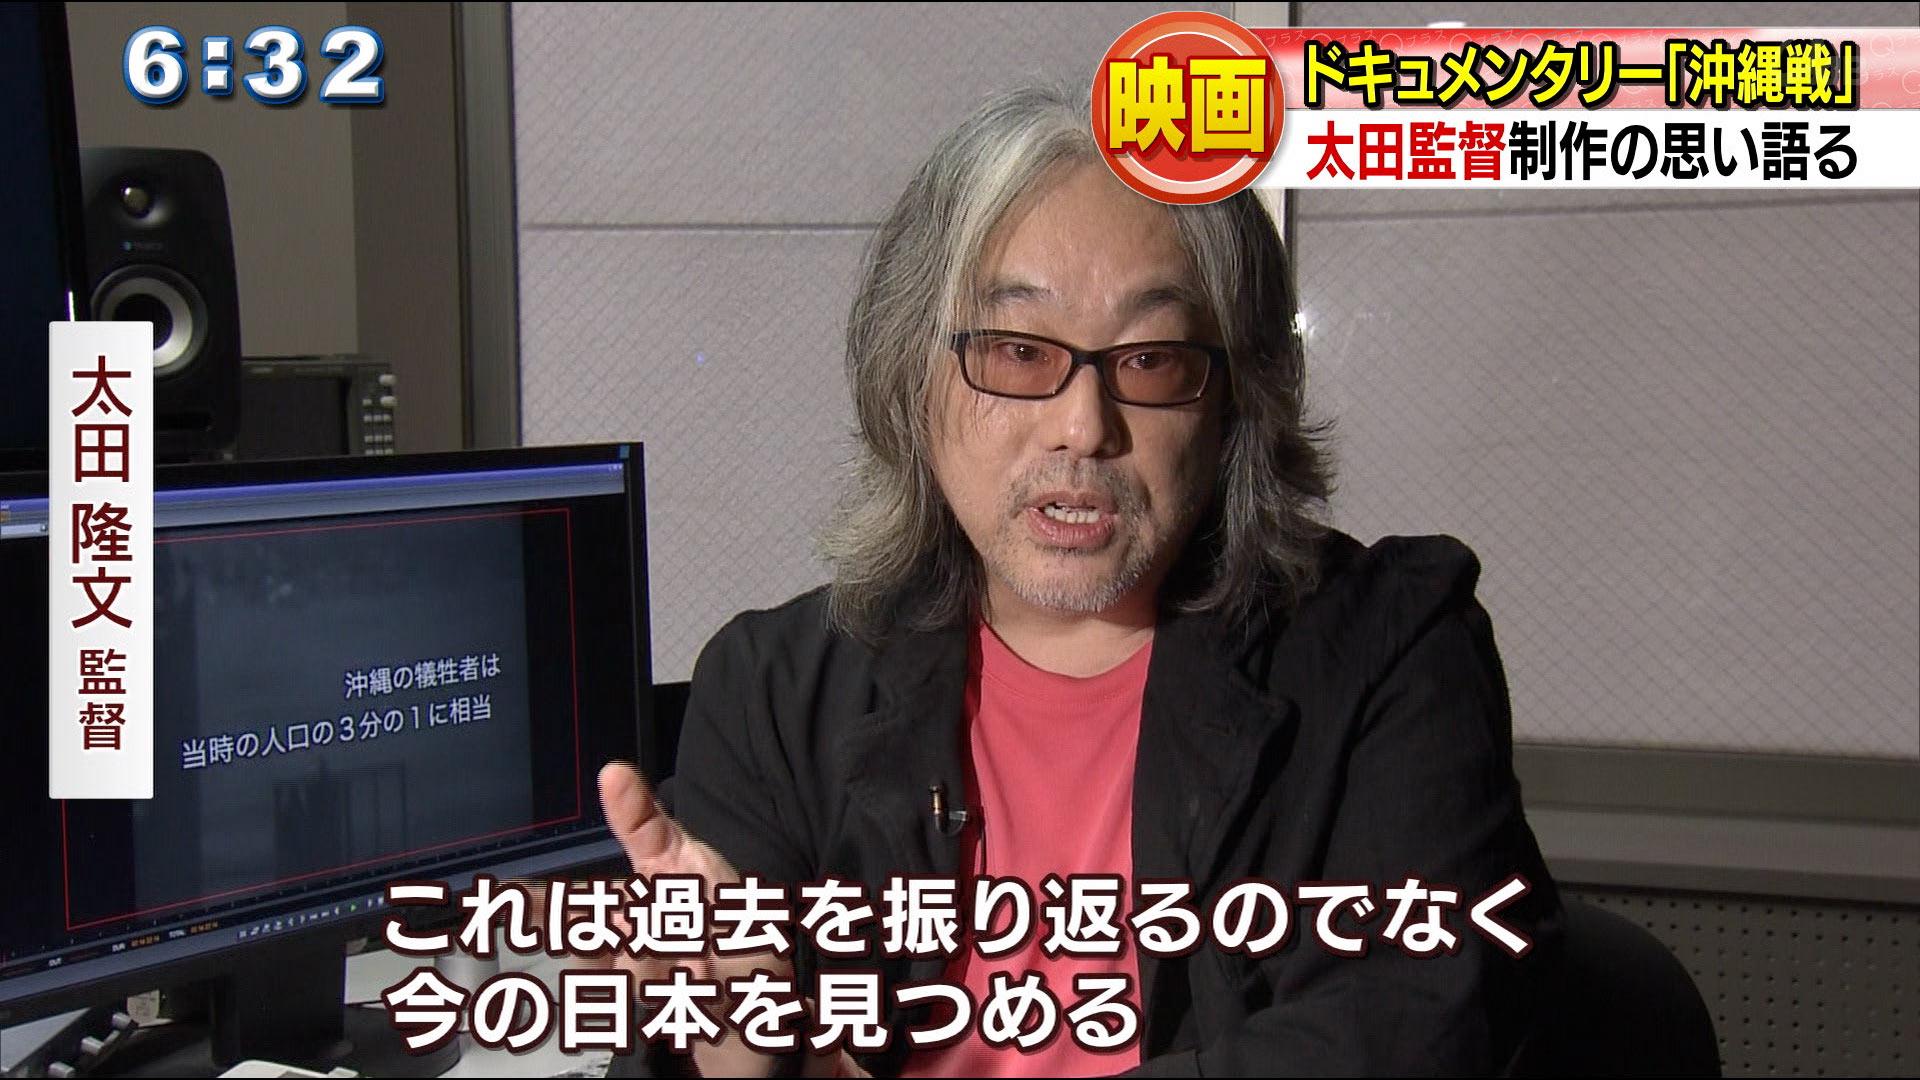 「ドキュメンタリー沖縄戦」監督が語る